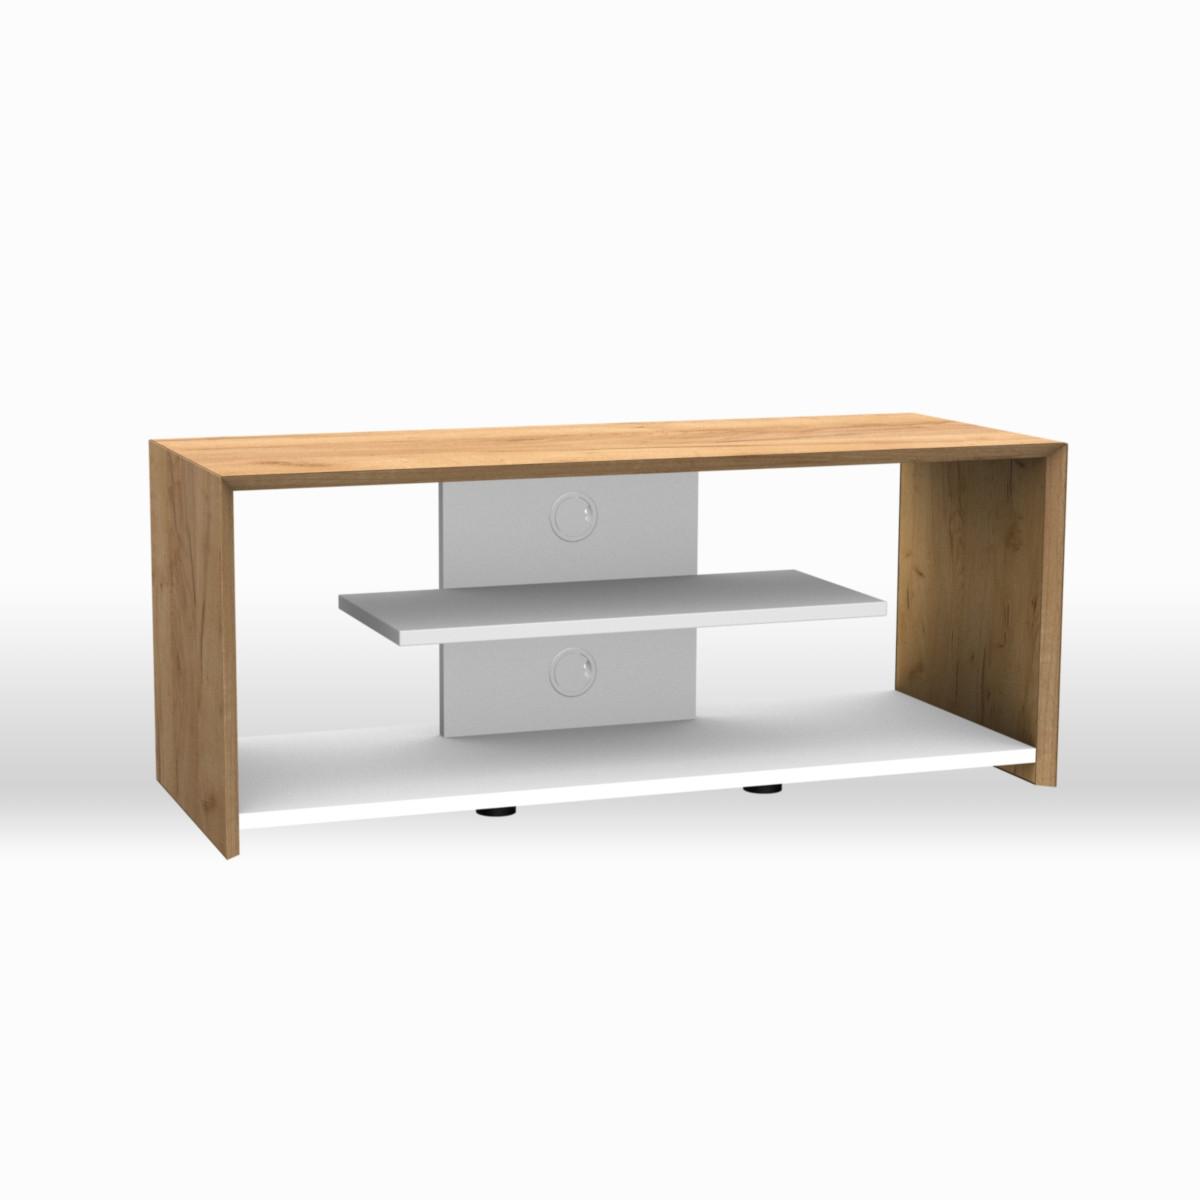 Ein offenes TV-Möbel von Schnepel Alpha. Kabelverlengerung im Holraum hinter der Rückwnd möglich. Korpus Honig-Eiche, Rückwand Weiß.